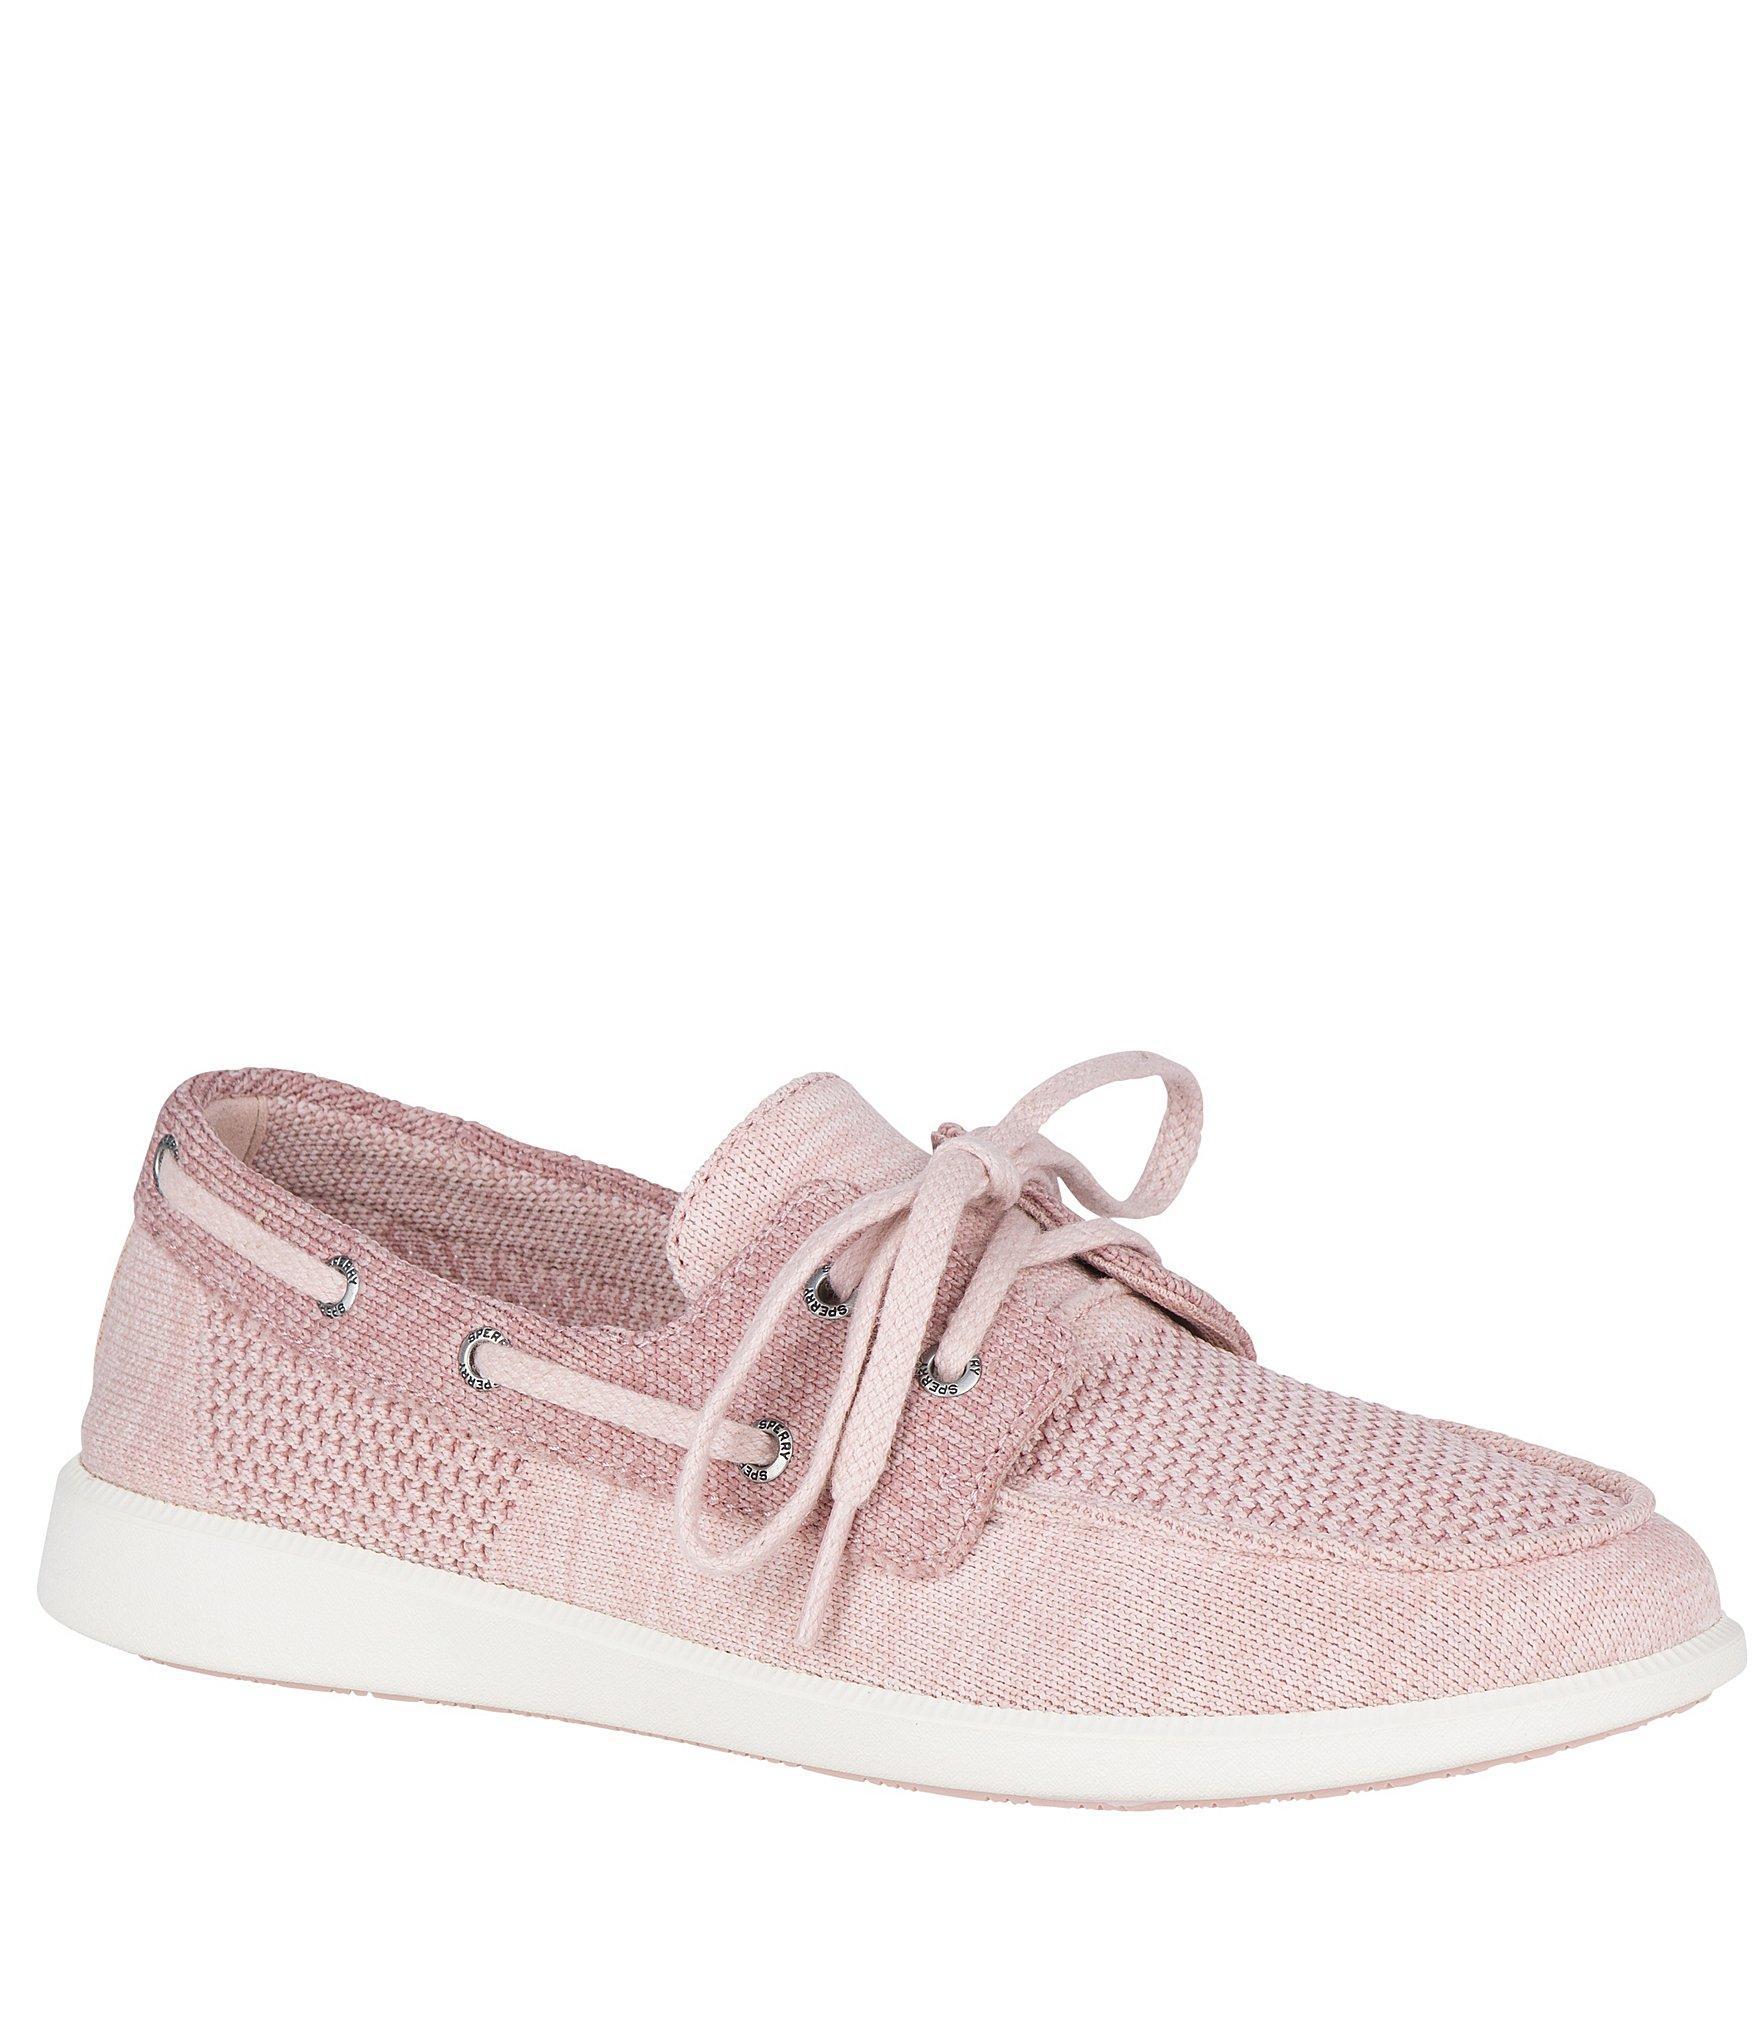 Sperry Top-Sider Oasis Dock Knit Boat Shoe Women 8 Rose